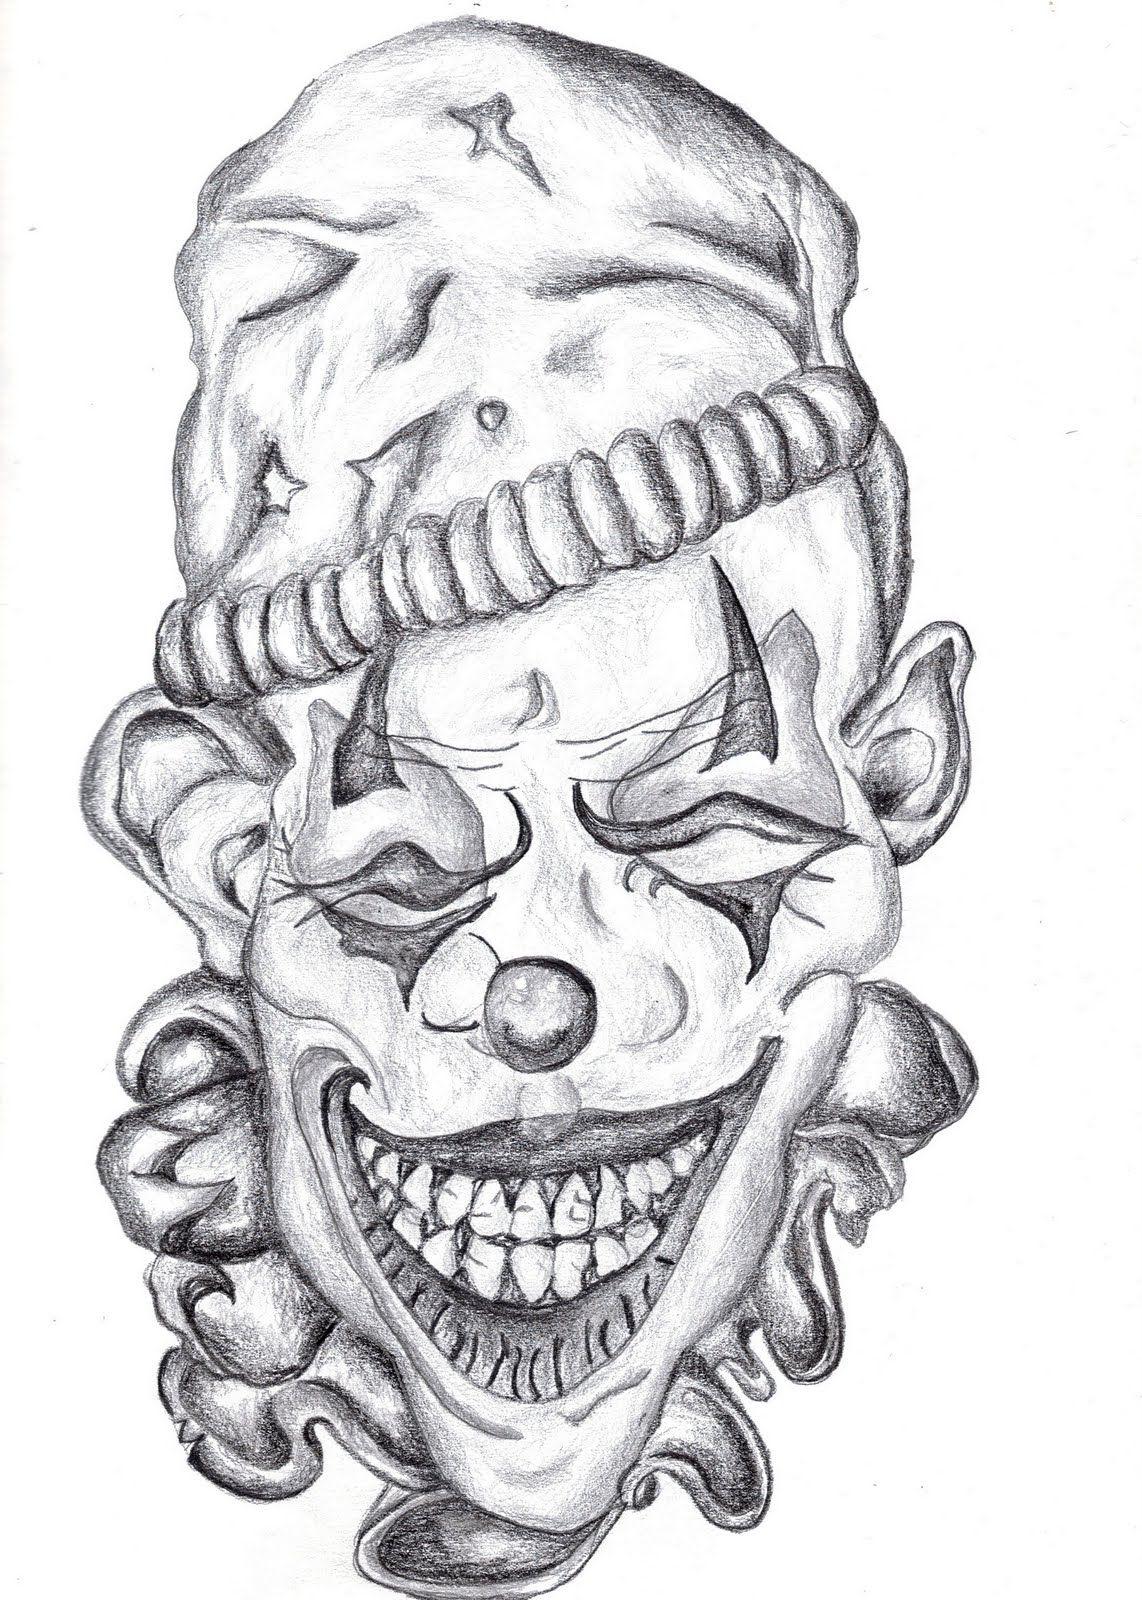 Desenho Palhaço Tatuagem jester evil joker drawings | art-a-holic: chelsea paintings